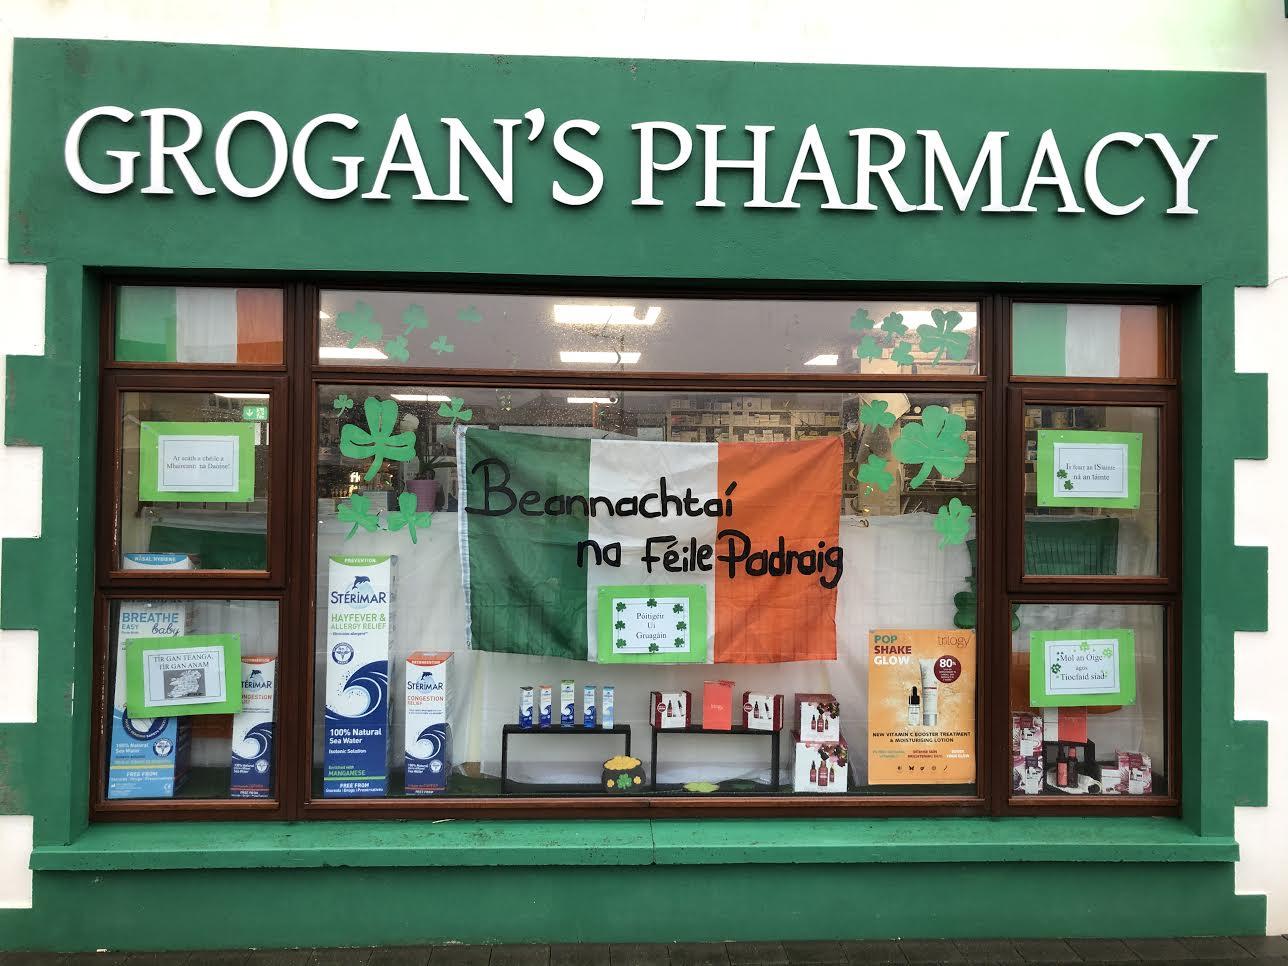 Tigh Uí Ghrogáin